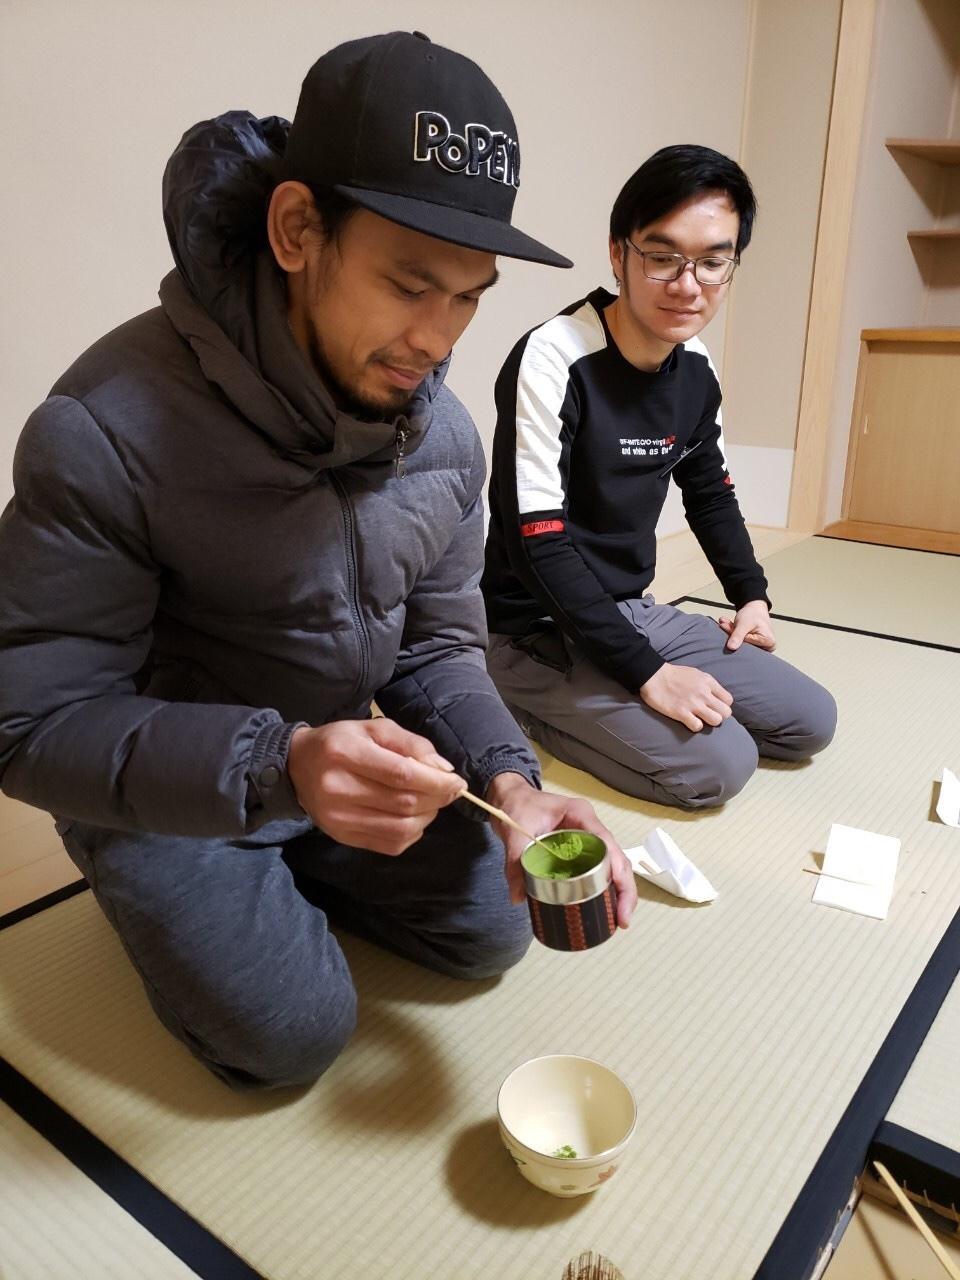 日曜朝教室(2019.12.22)お茶会🍵_e0175020_10035916.jpeg